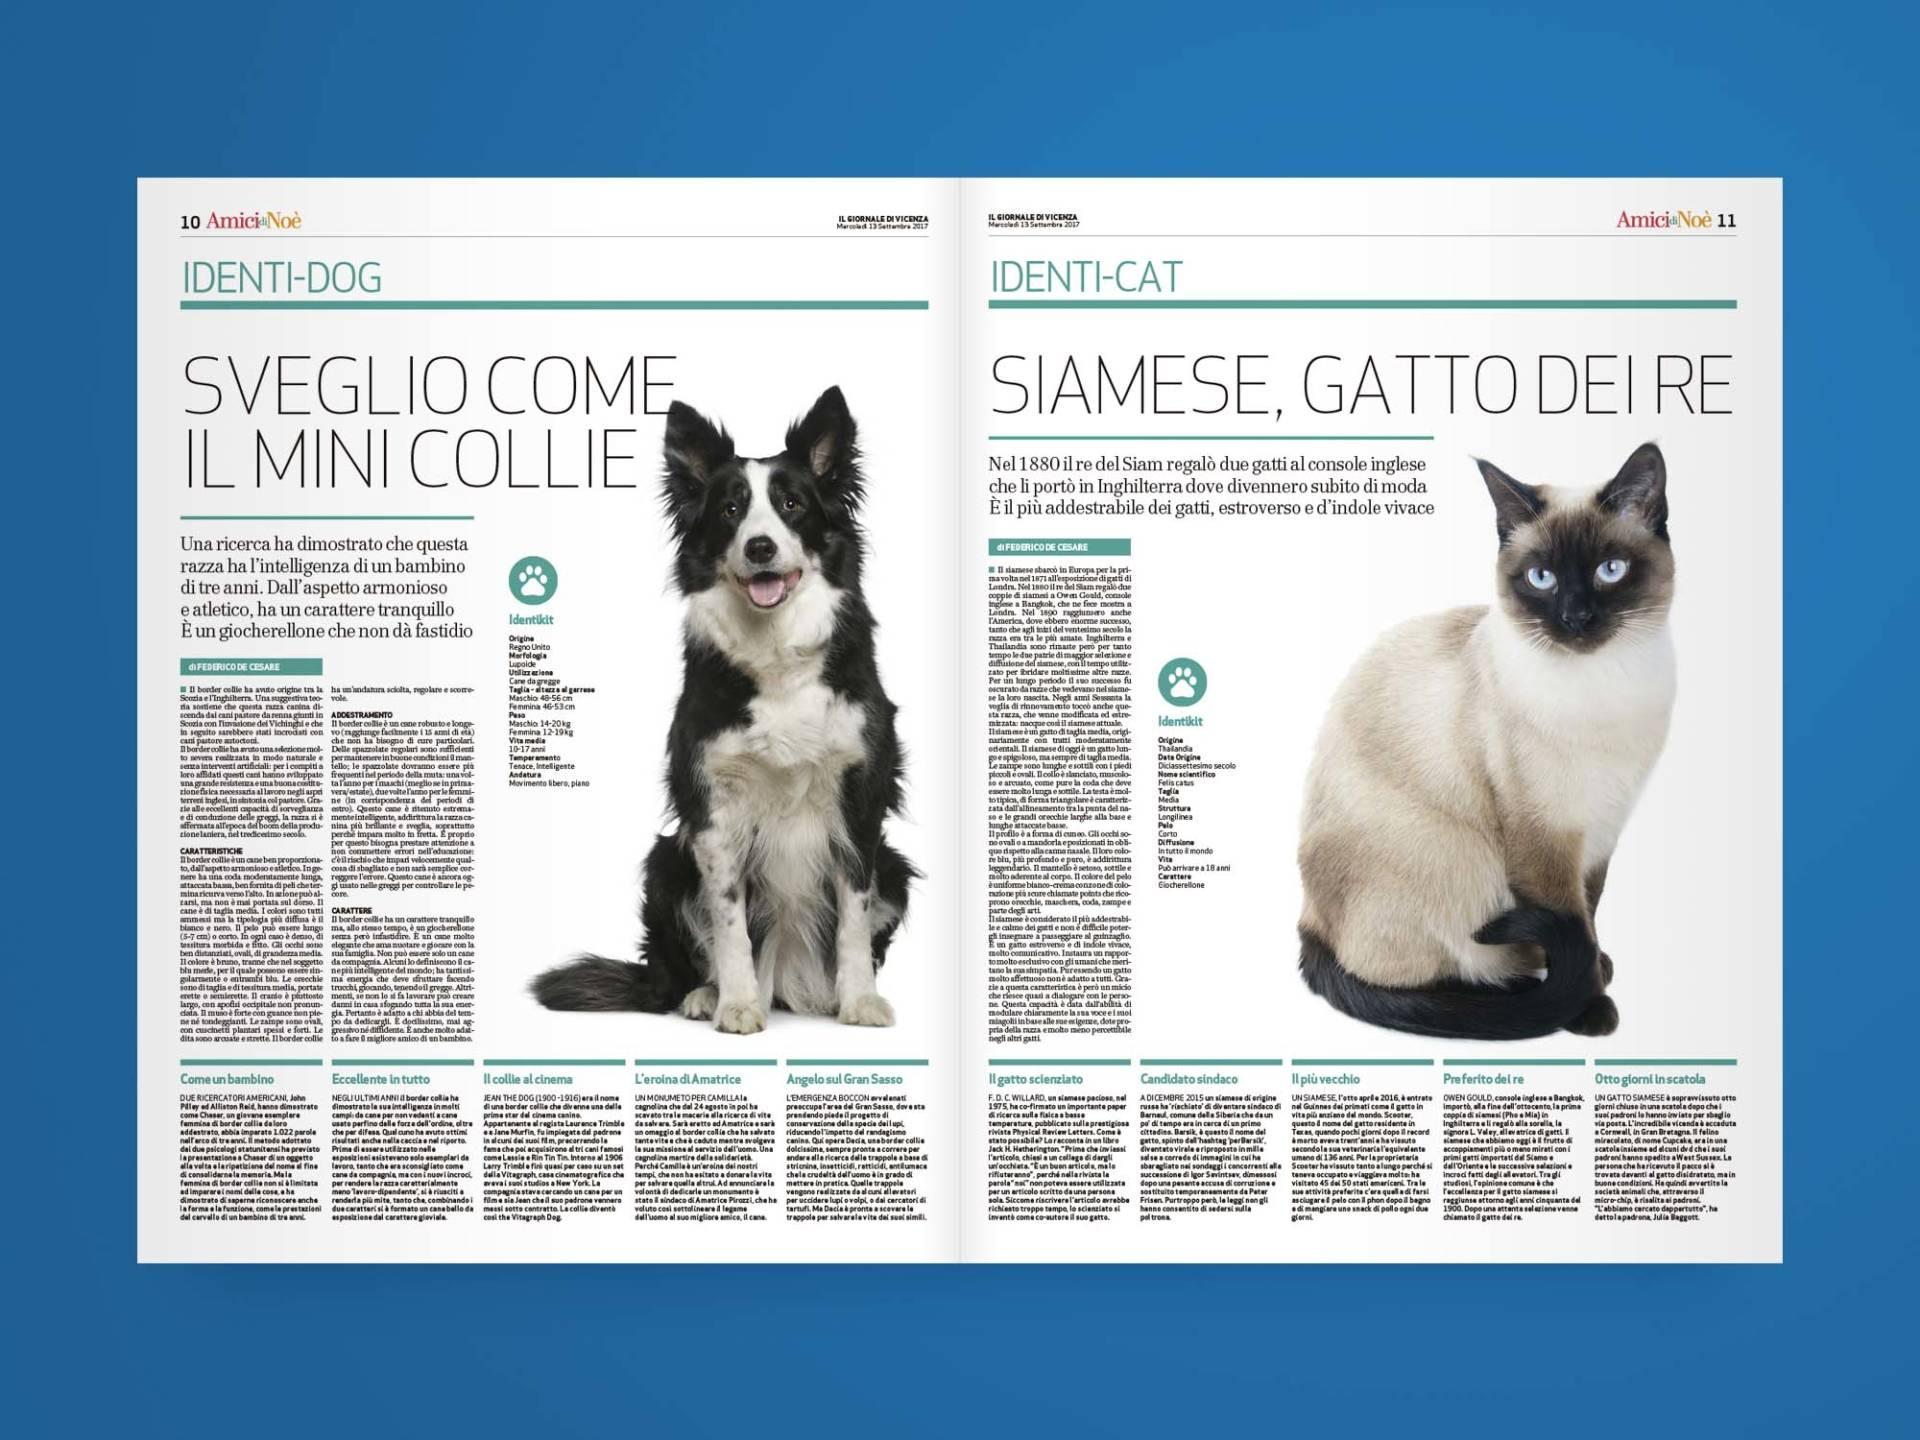 Amici_di_Noè_04_Wenceslau_News_Design